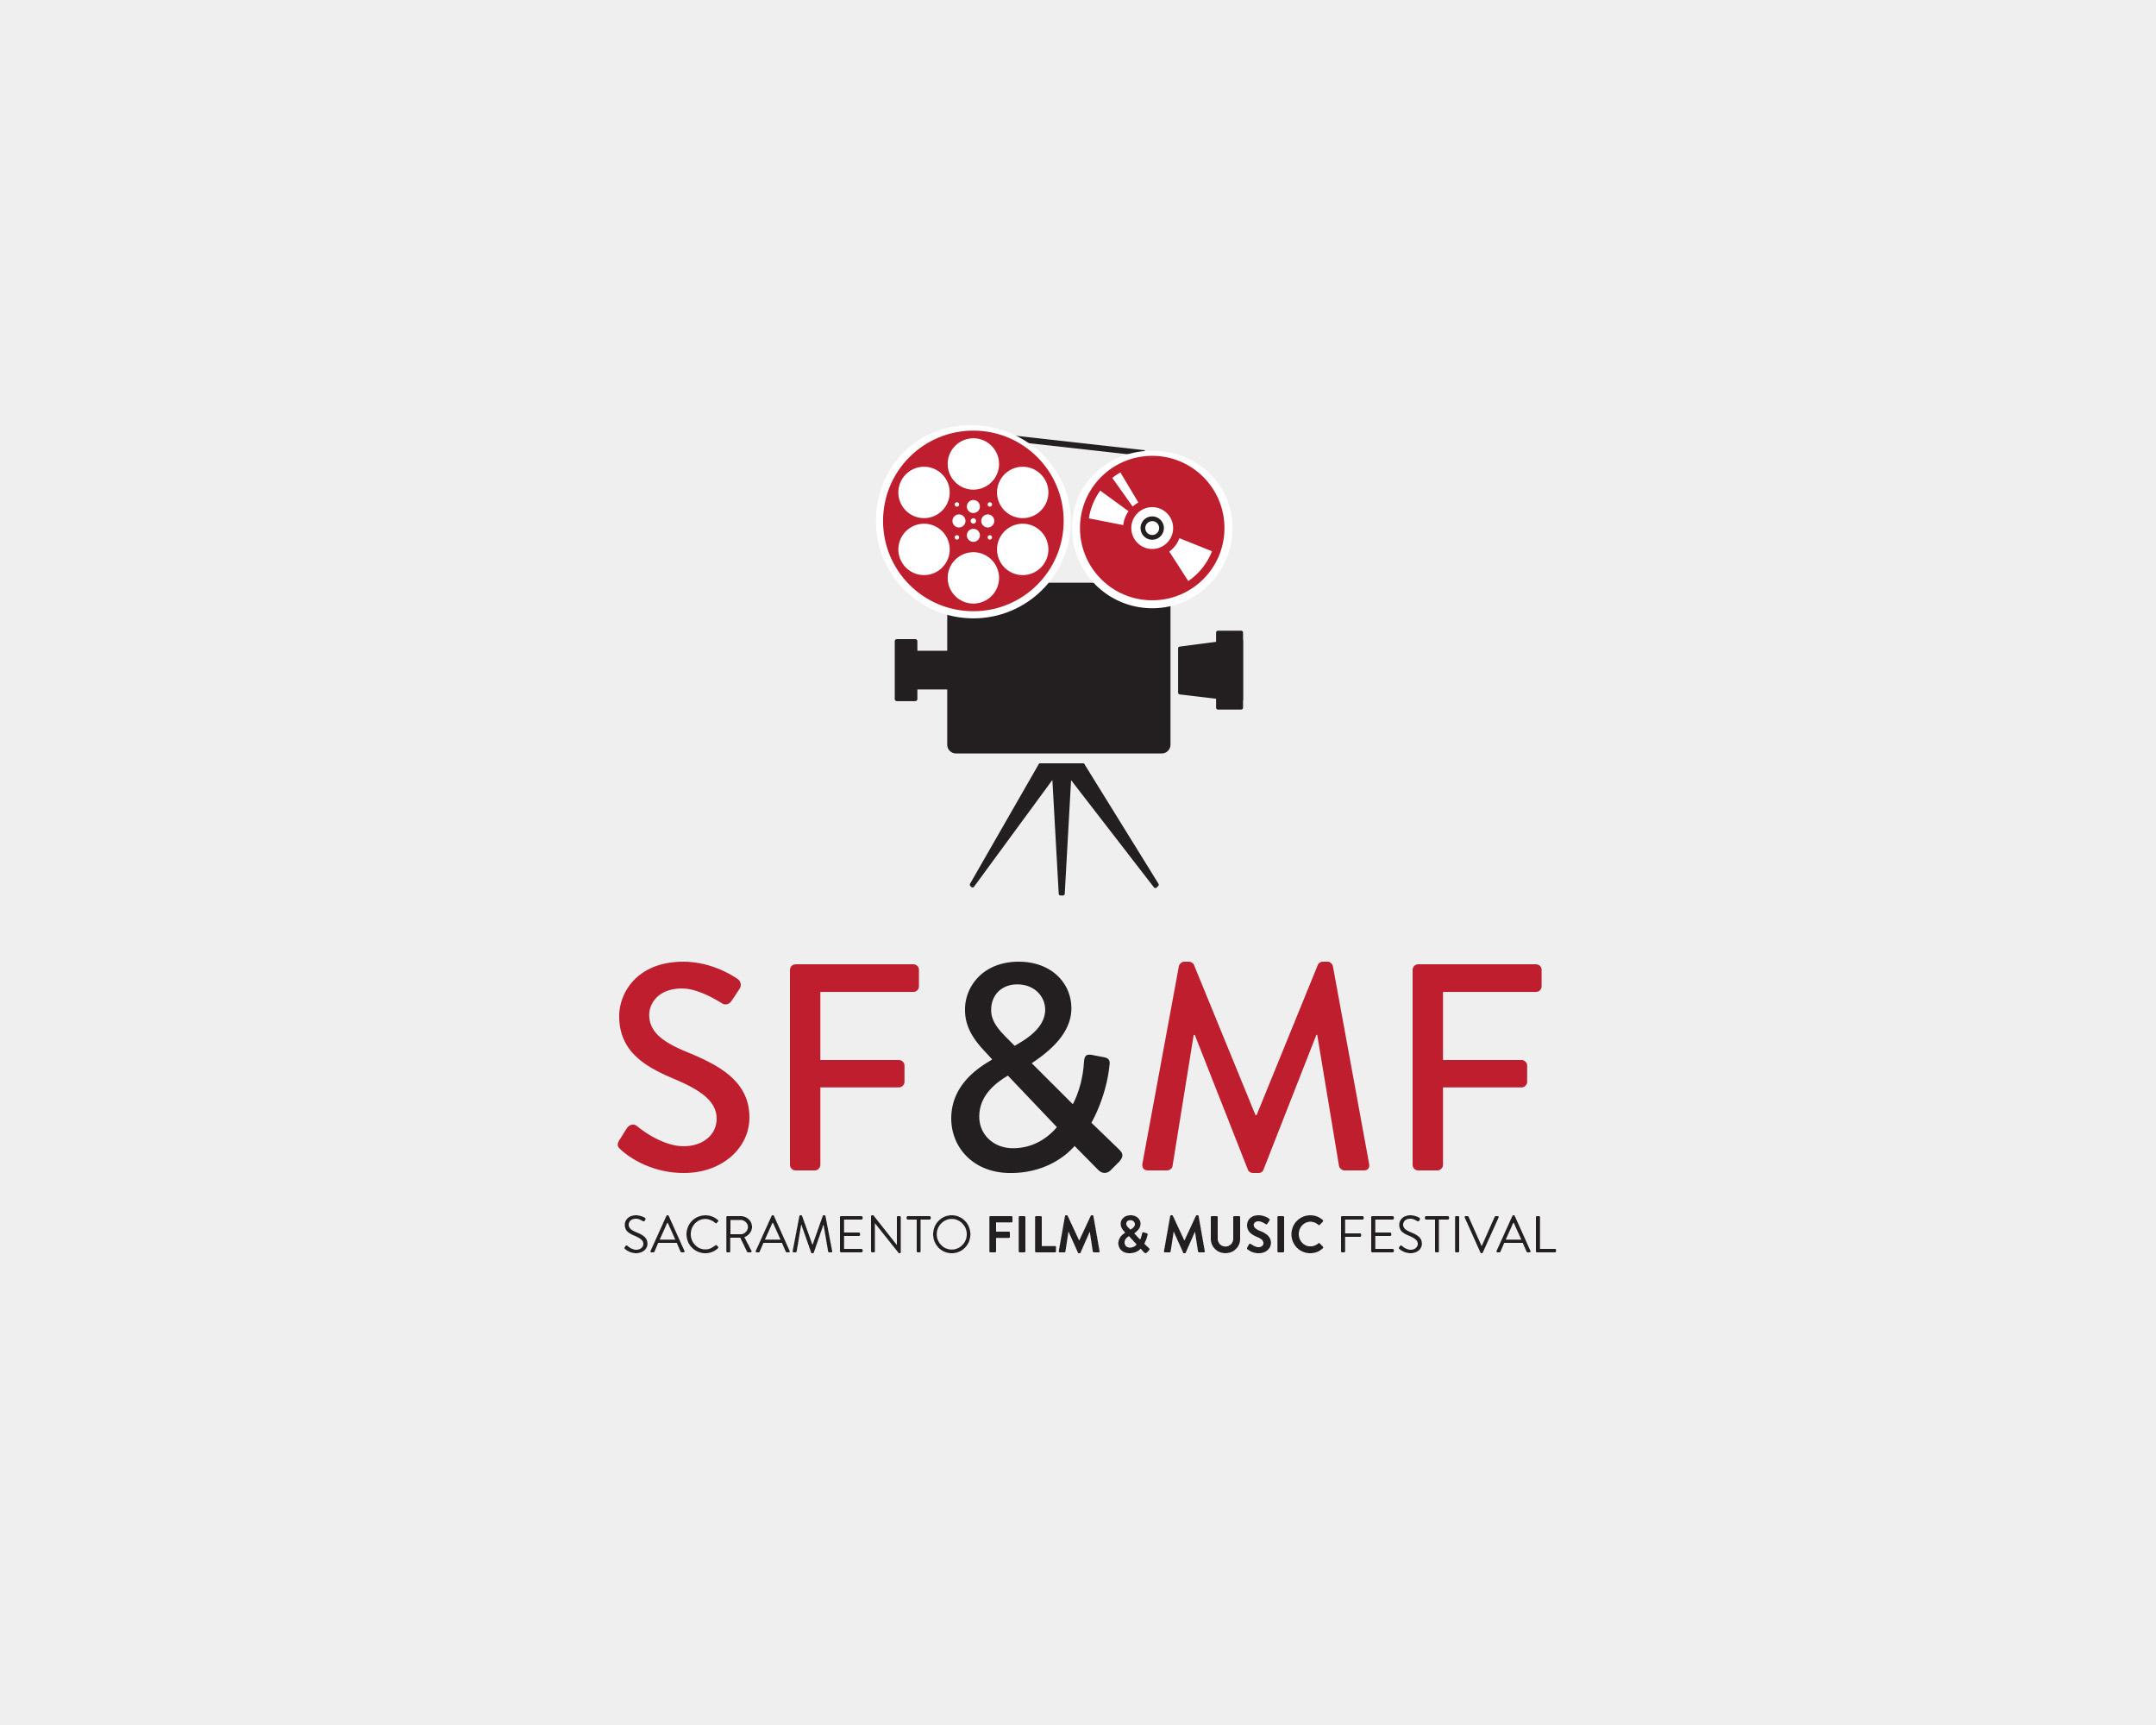 Sacramento Film & Music Festival Logo